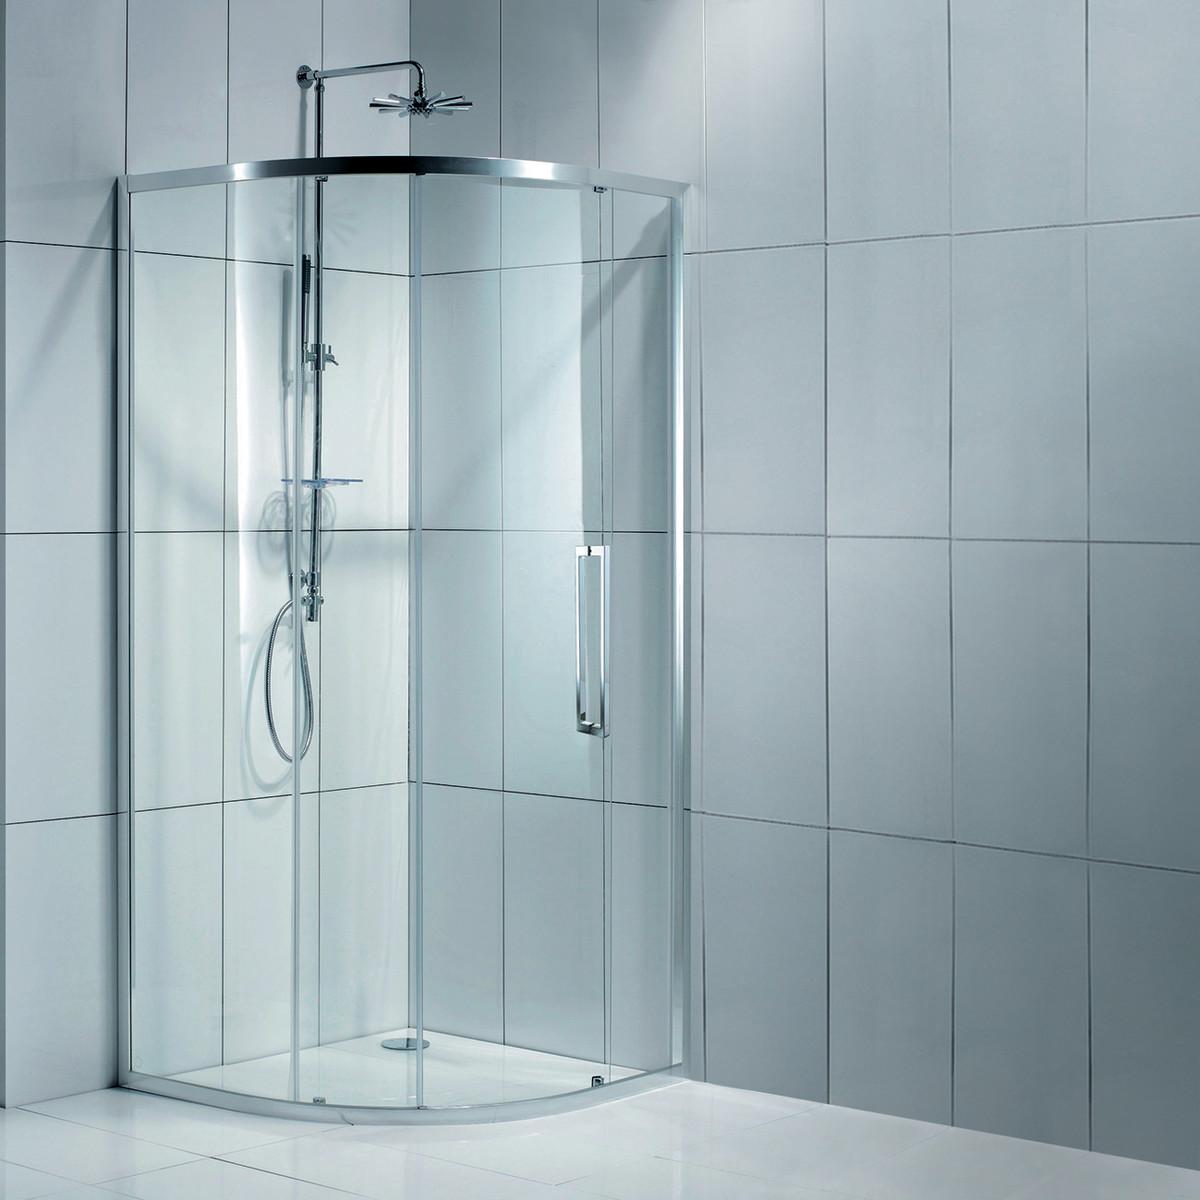 Piatto doccia ikea tavolino bagno ikea mobili bagno ikea forum idee di mobiletti economici in - Prezzi box doccia ikea ...